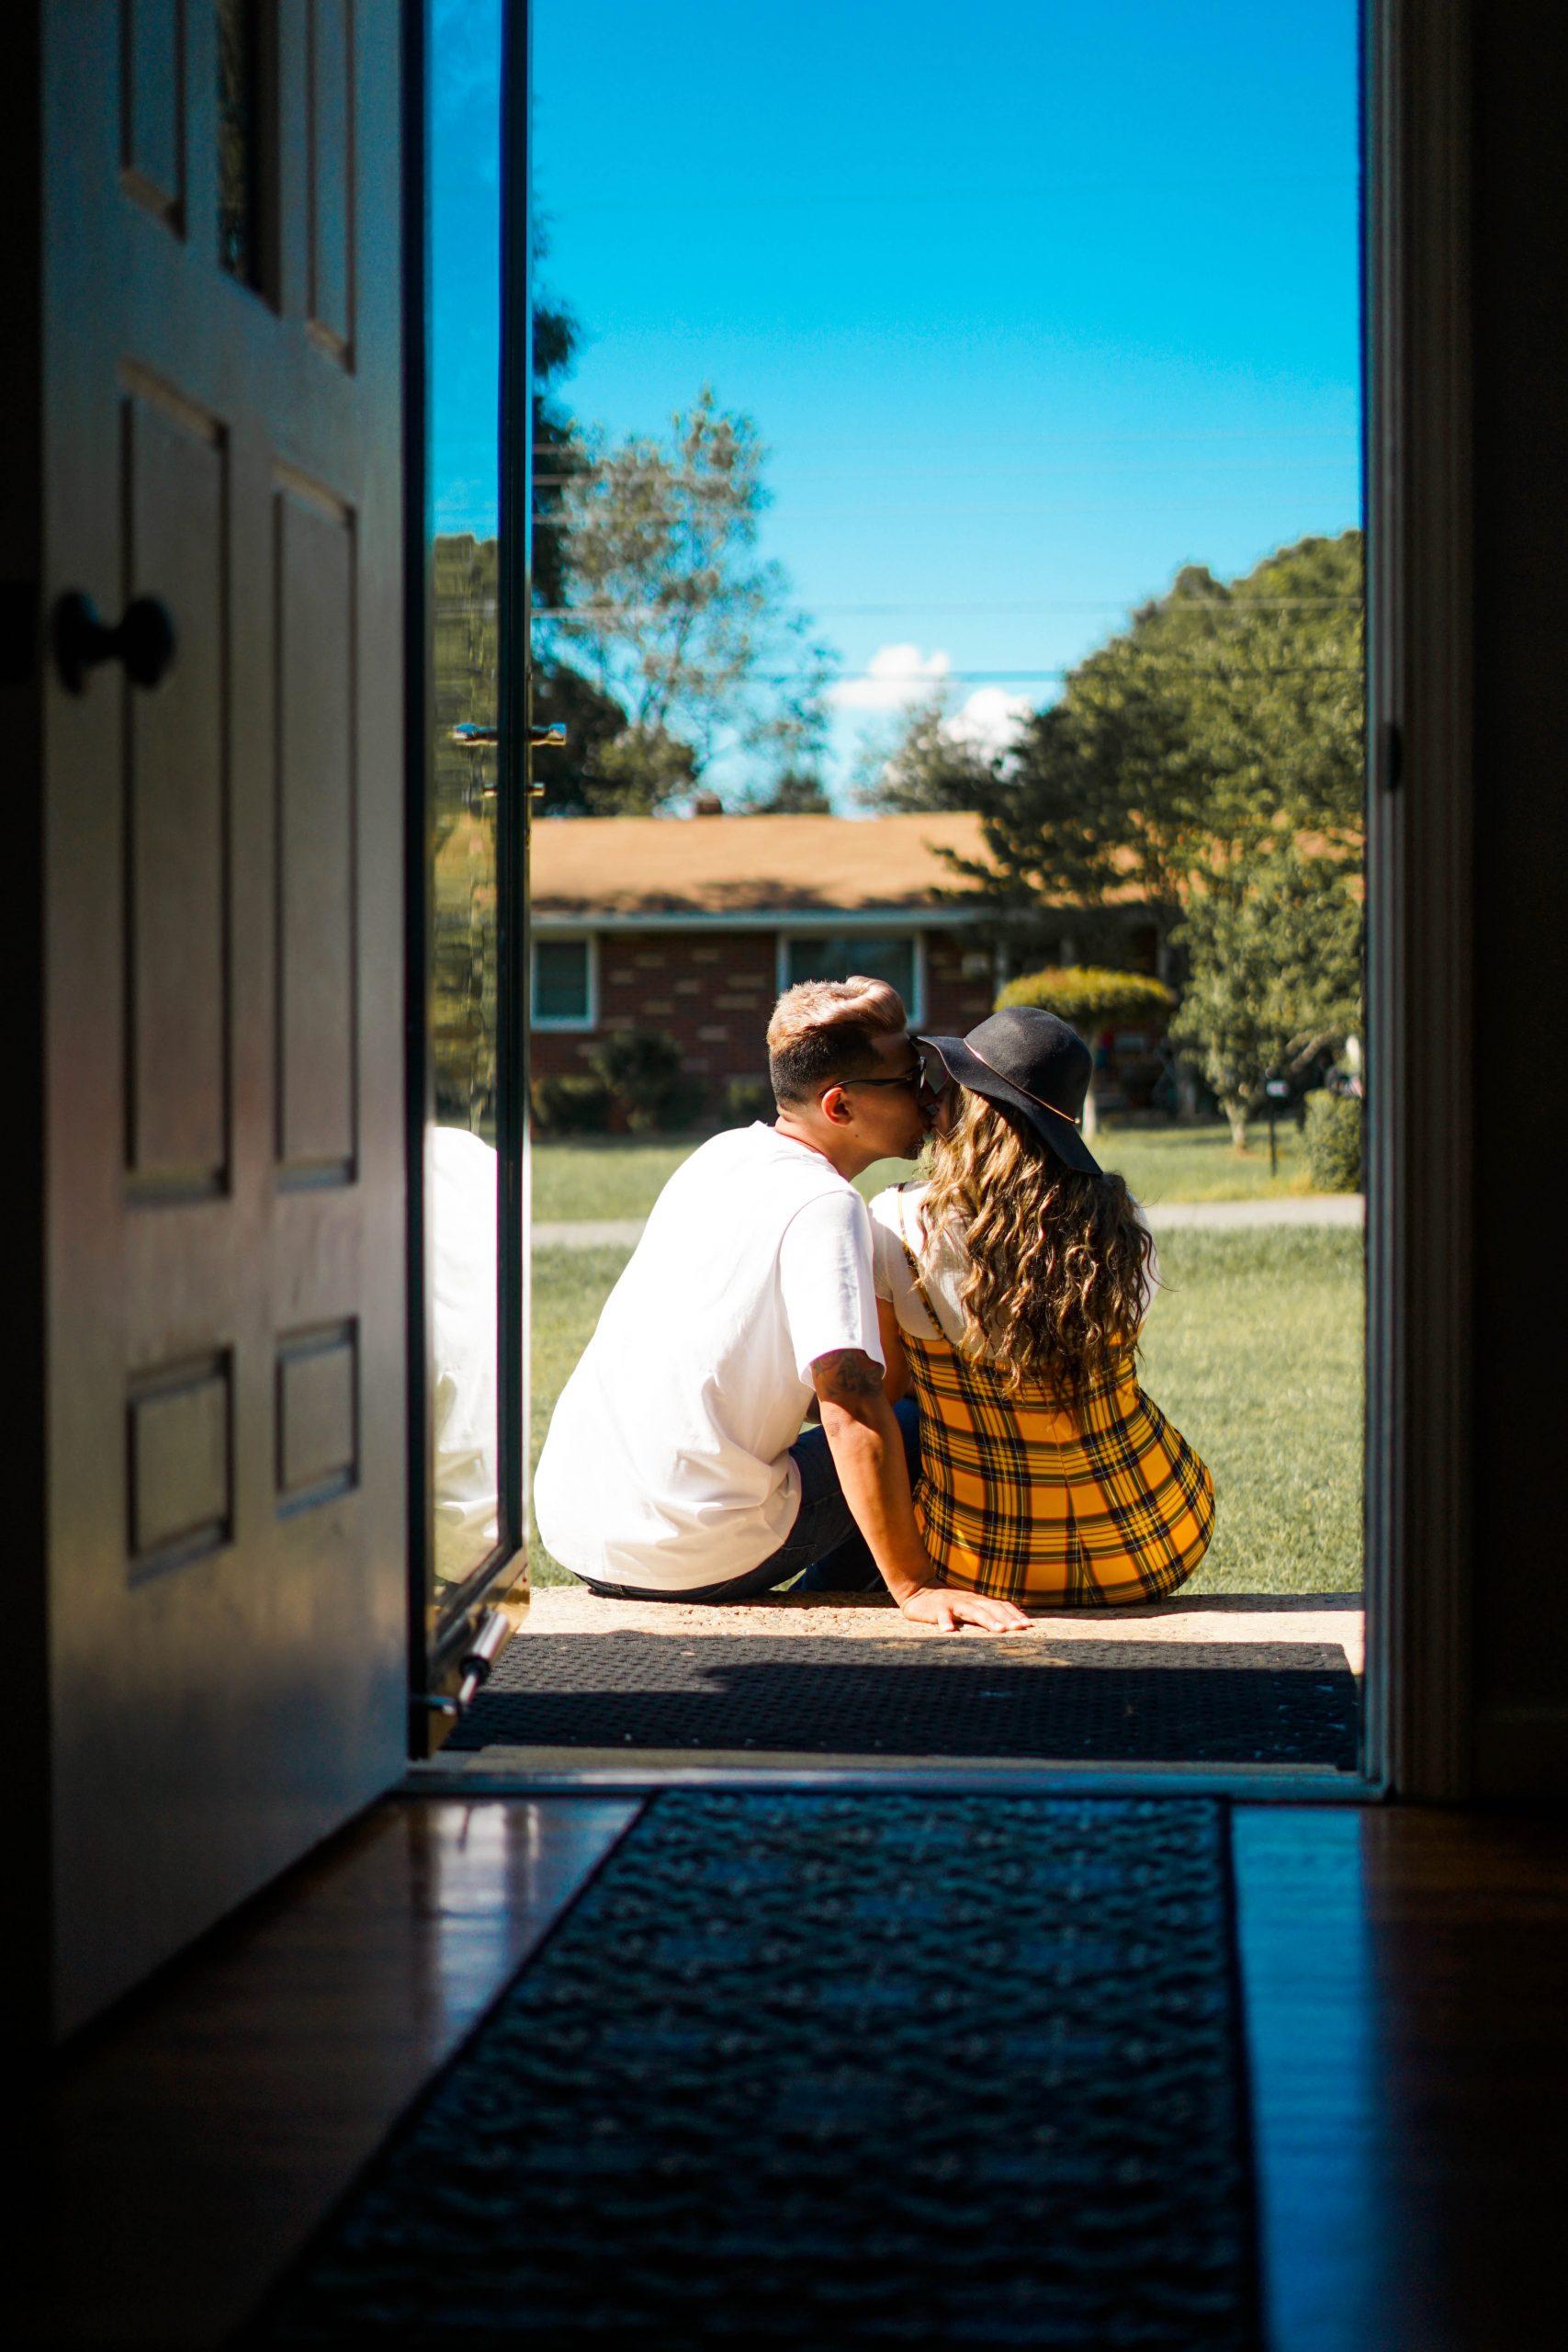 Prevalentie van ADHD kenmerken bij adolescenten en jongvolwassenen